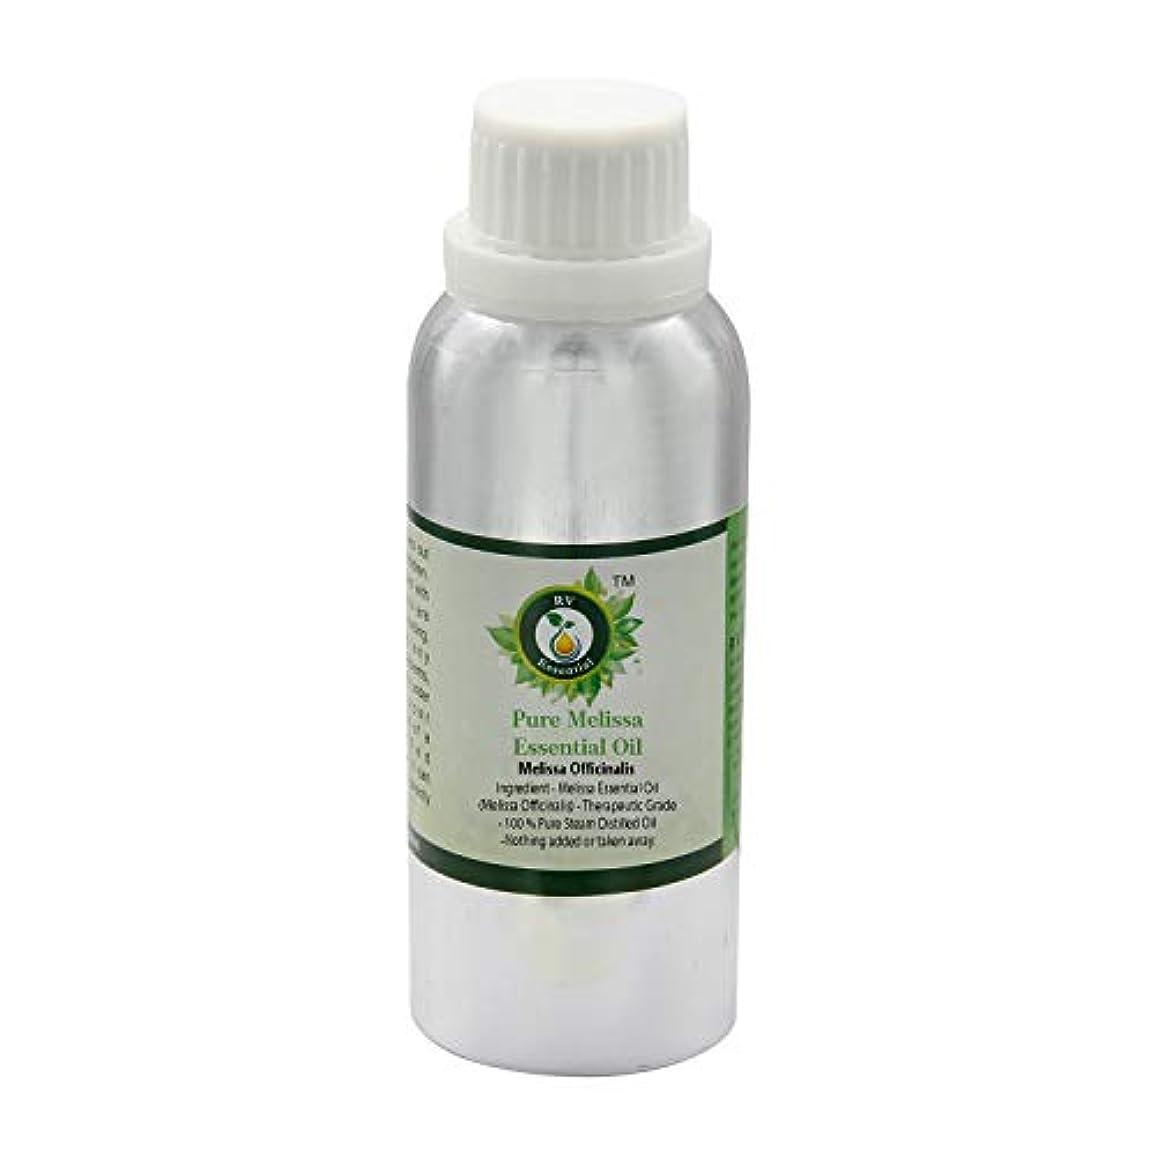 定数宿る血まみれピュアエッセンシャルオイルメリッサ630ml (21oz)- Melissa Officinalis (100%純粋&天然スチームDistilled) Pure Melissa Essential Oil